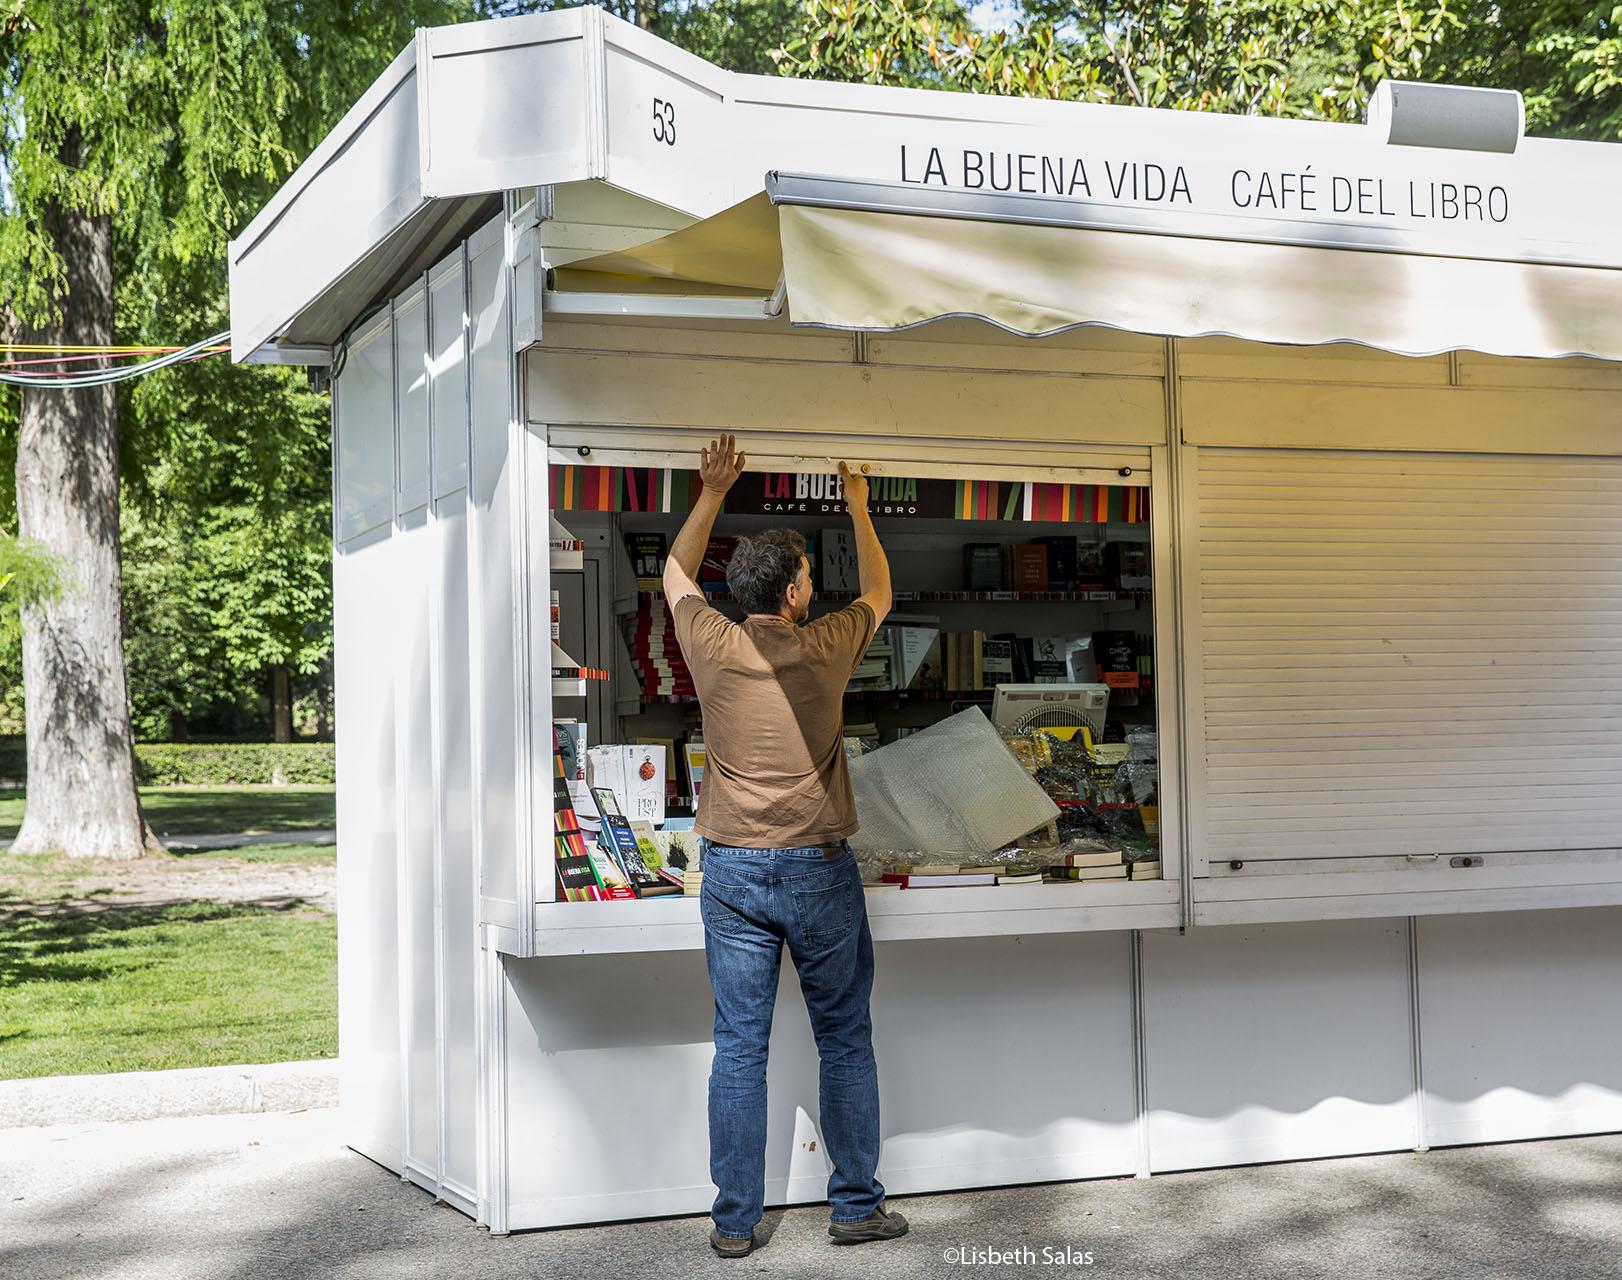 Jesús de la librería La buena vida durante la apertura de la feria. /Fotografía de Lisbeth Salas